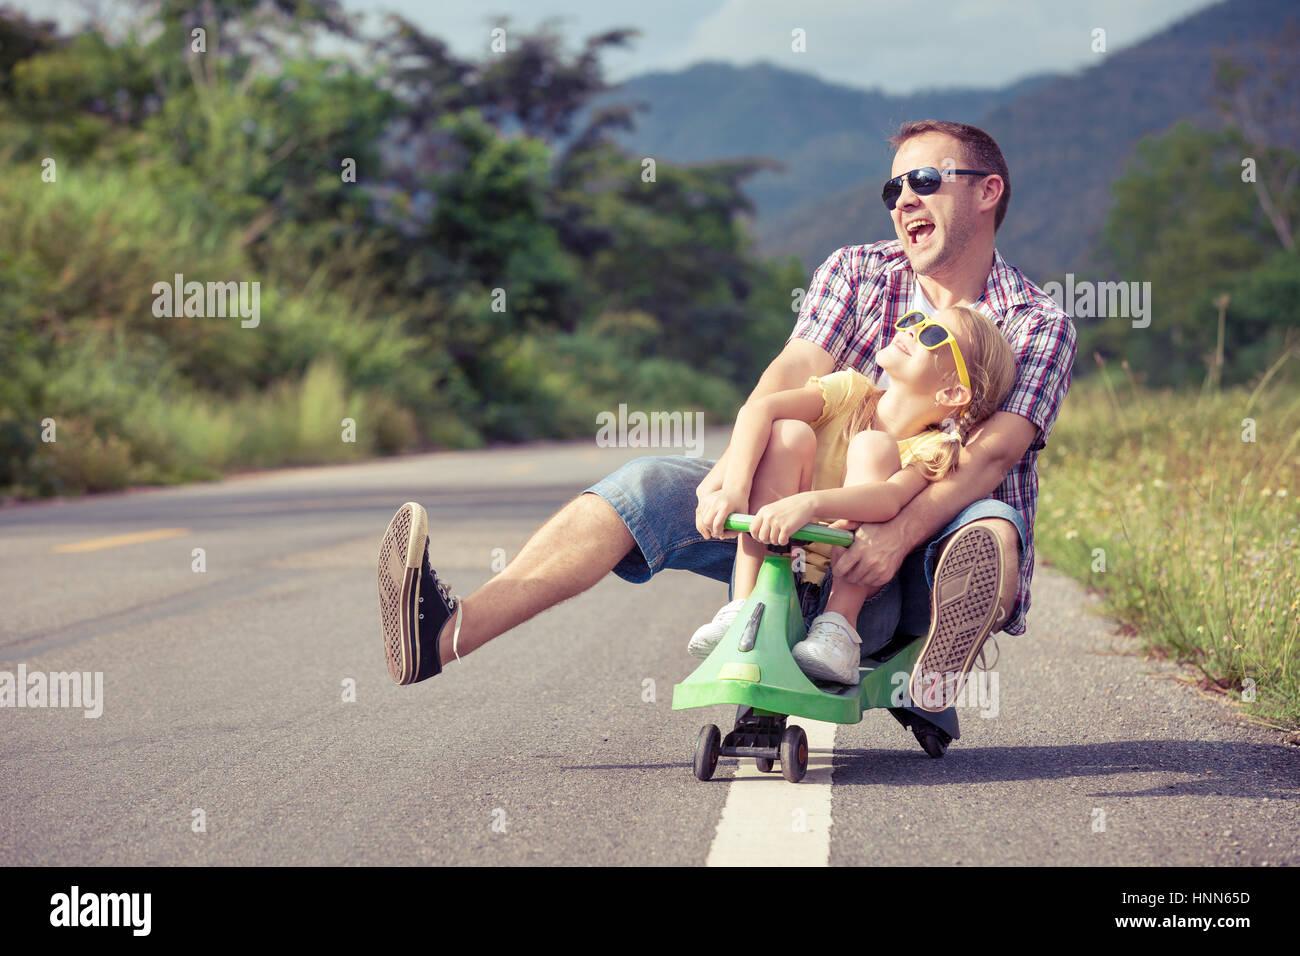 Padre e hijo jugando en el parque en el día. Imagen De Stock